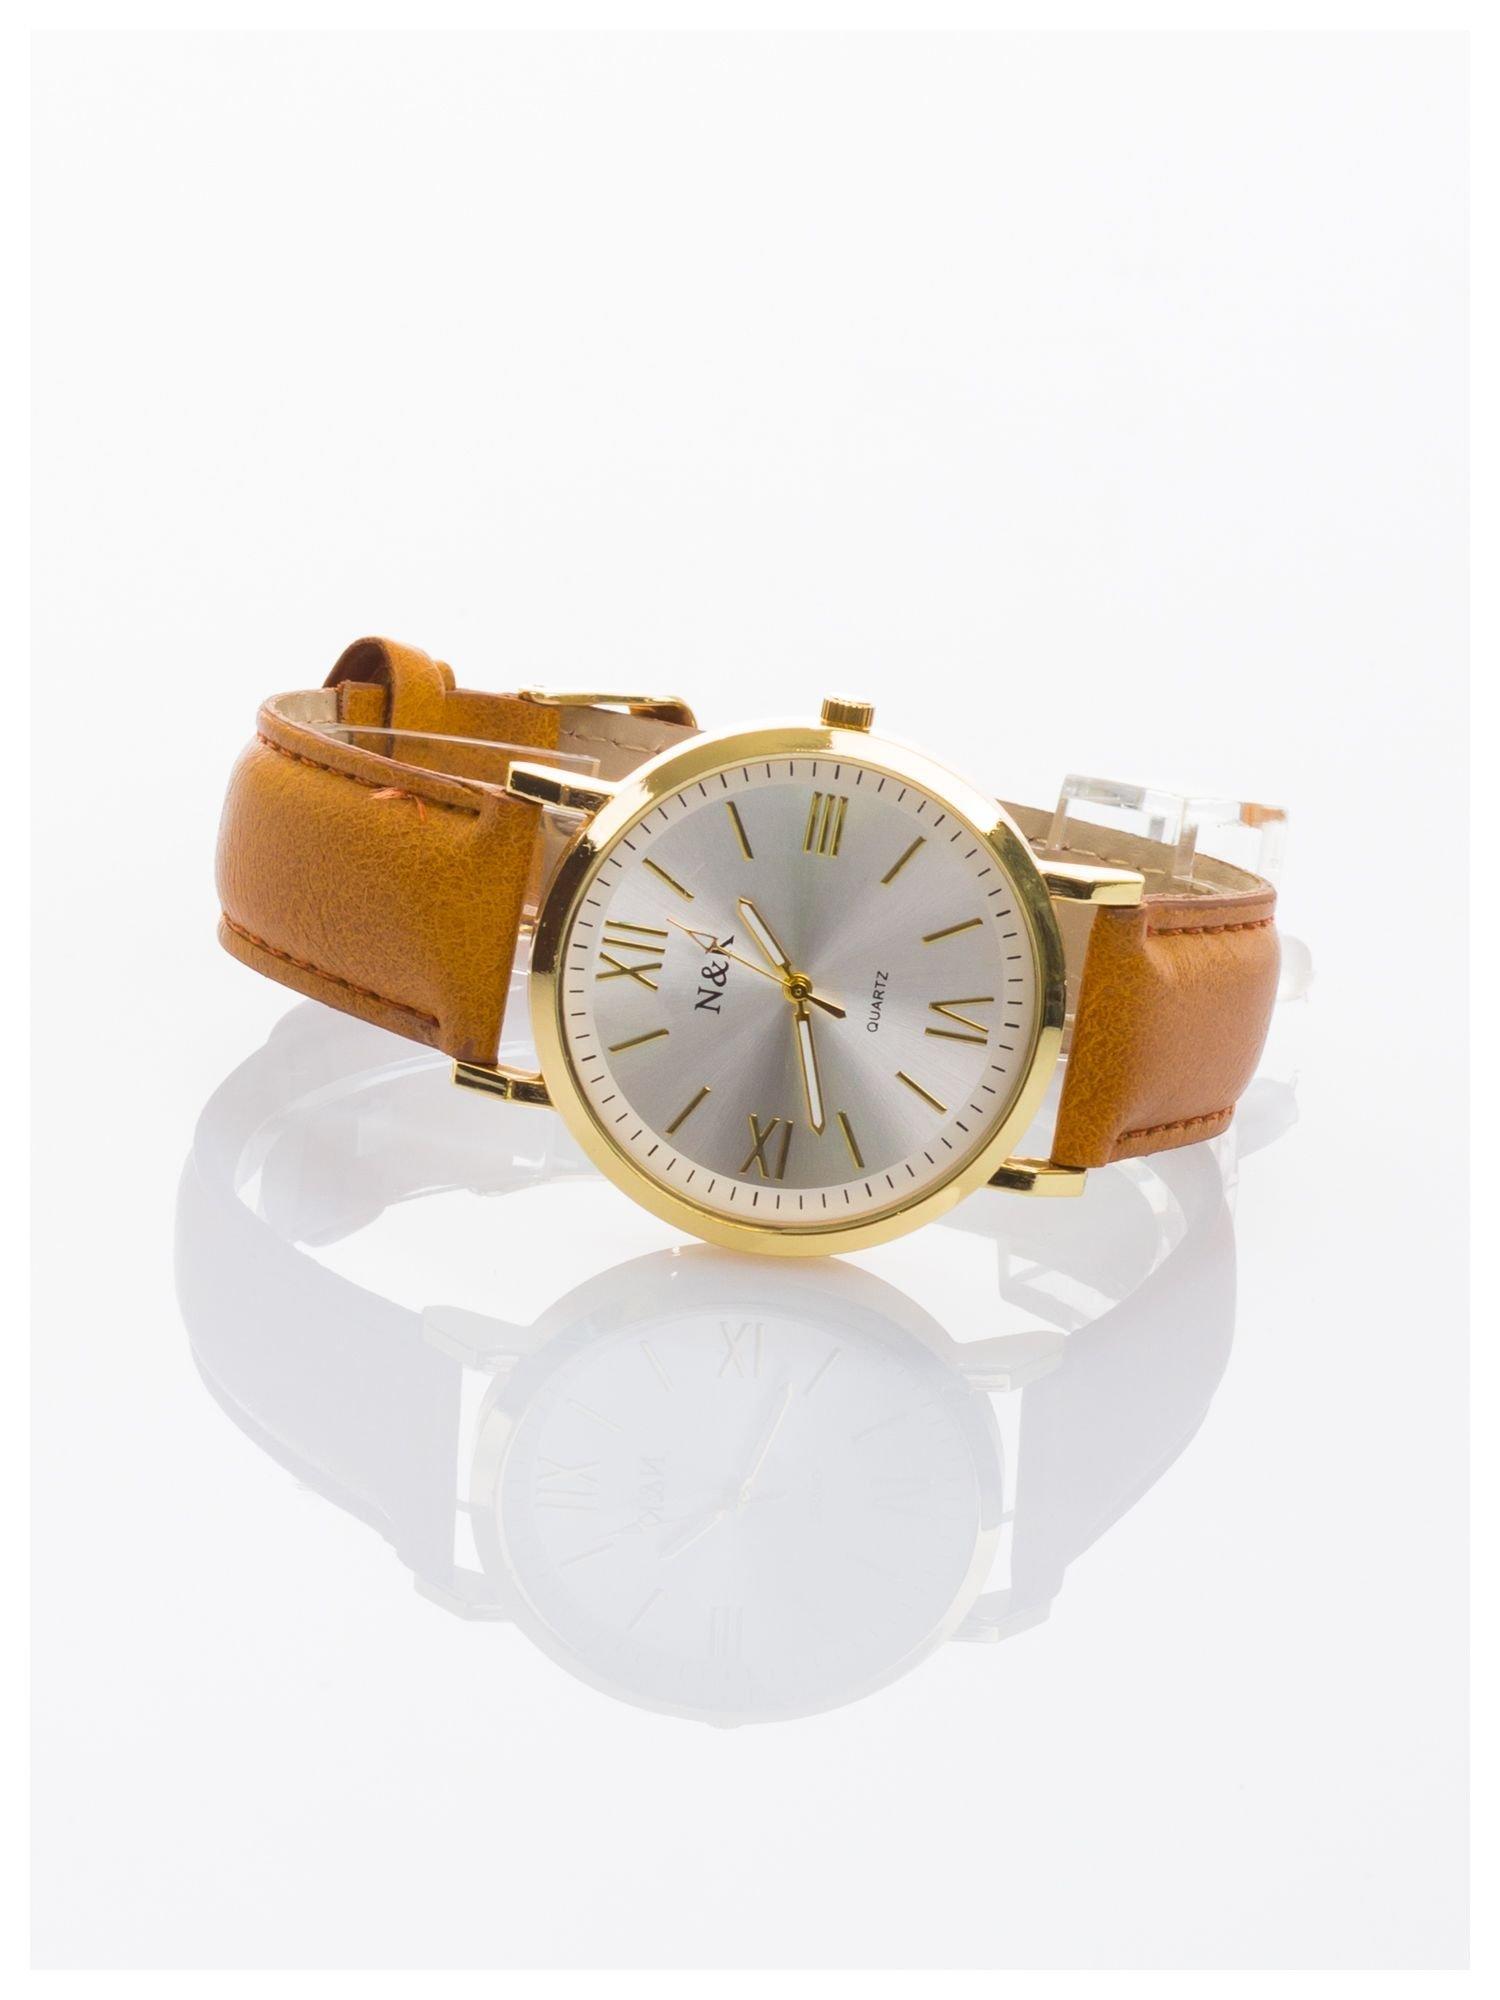 Klasyczny damski zegarek. Elegancki i czytelny cyferblat. Brązowy skórzany pasek                                  zdj.                                  2